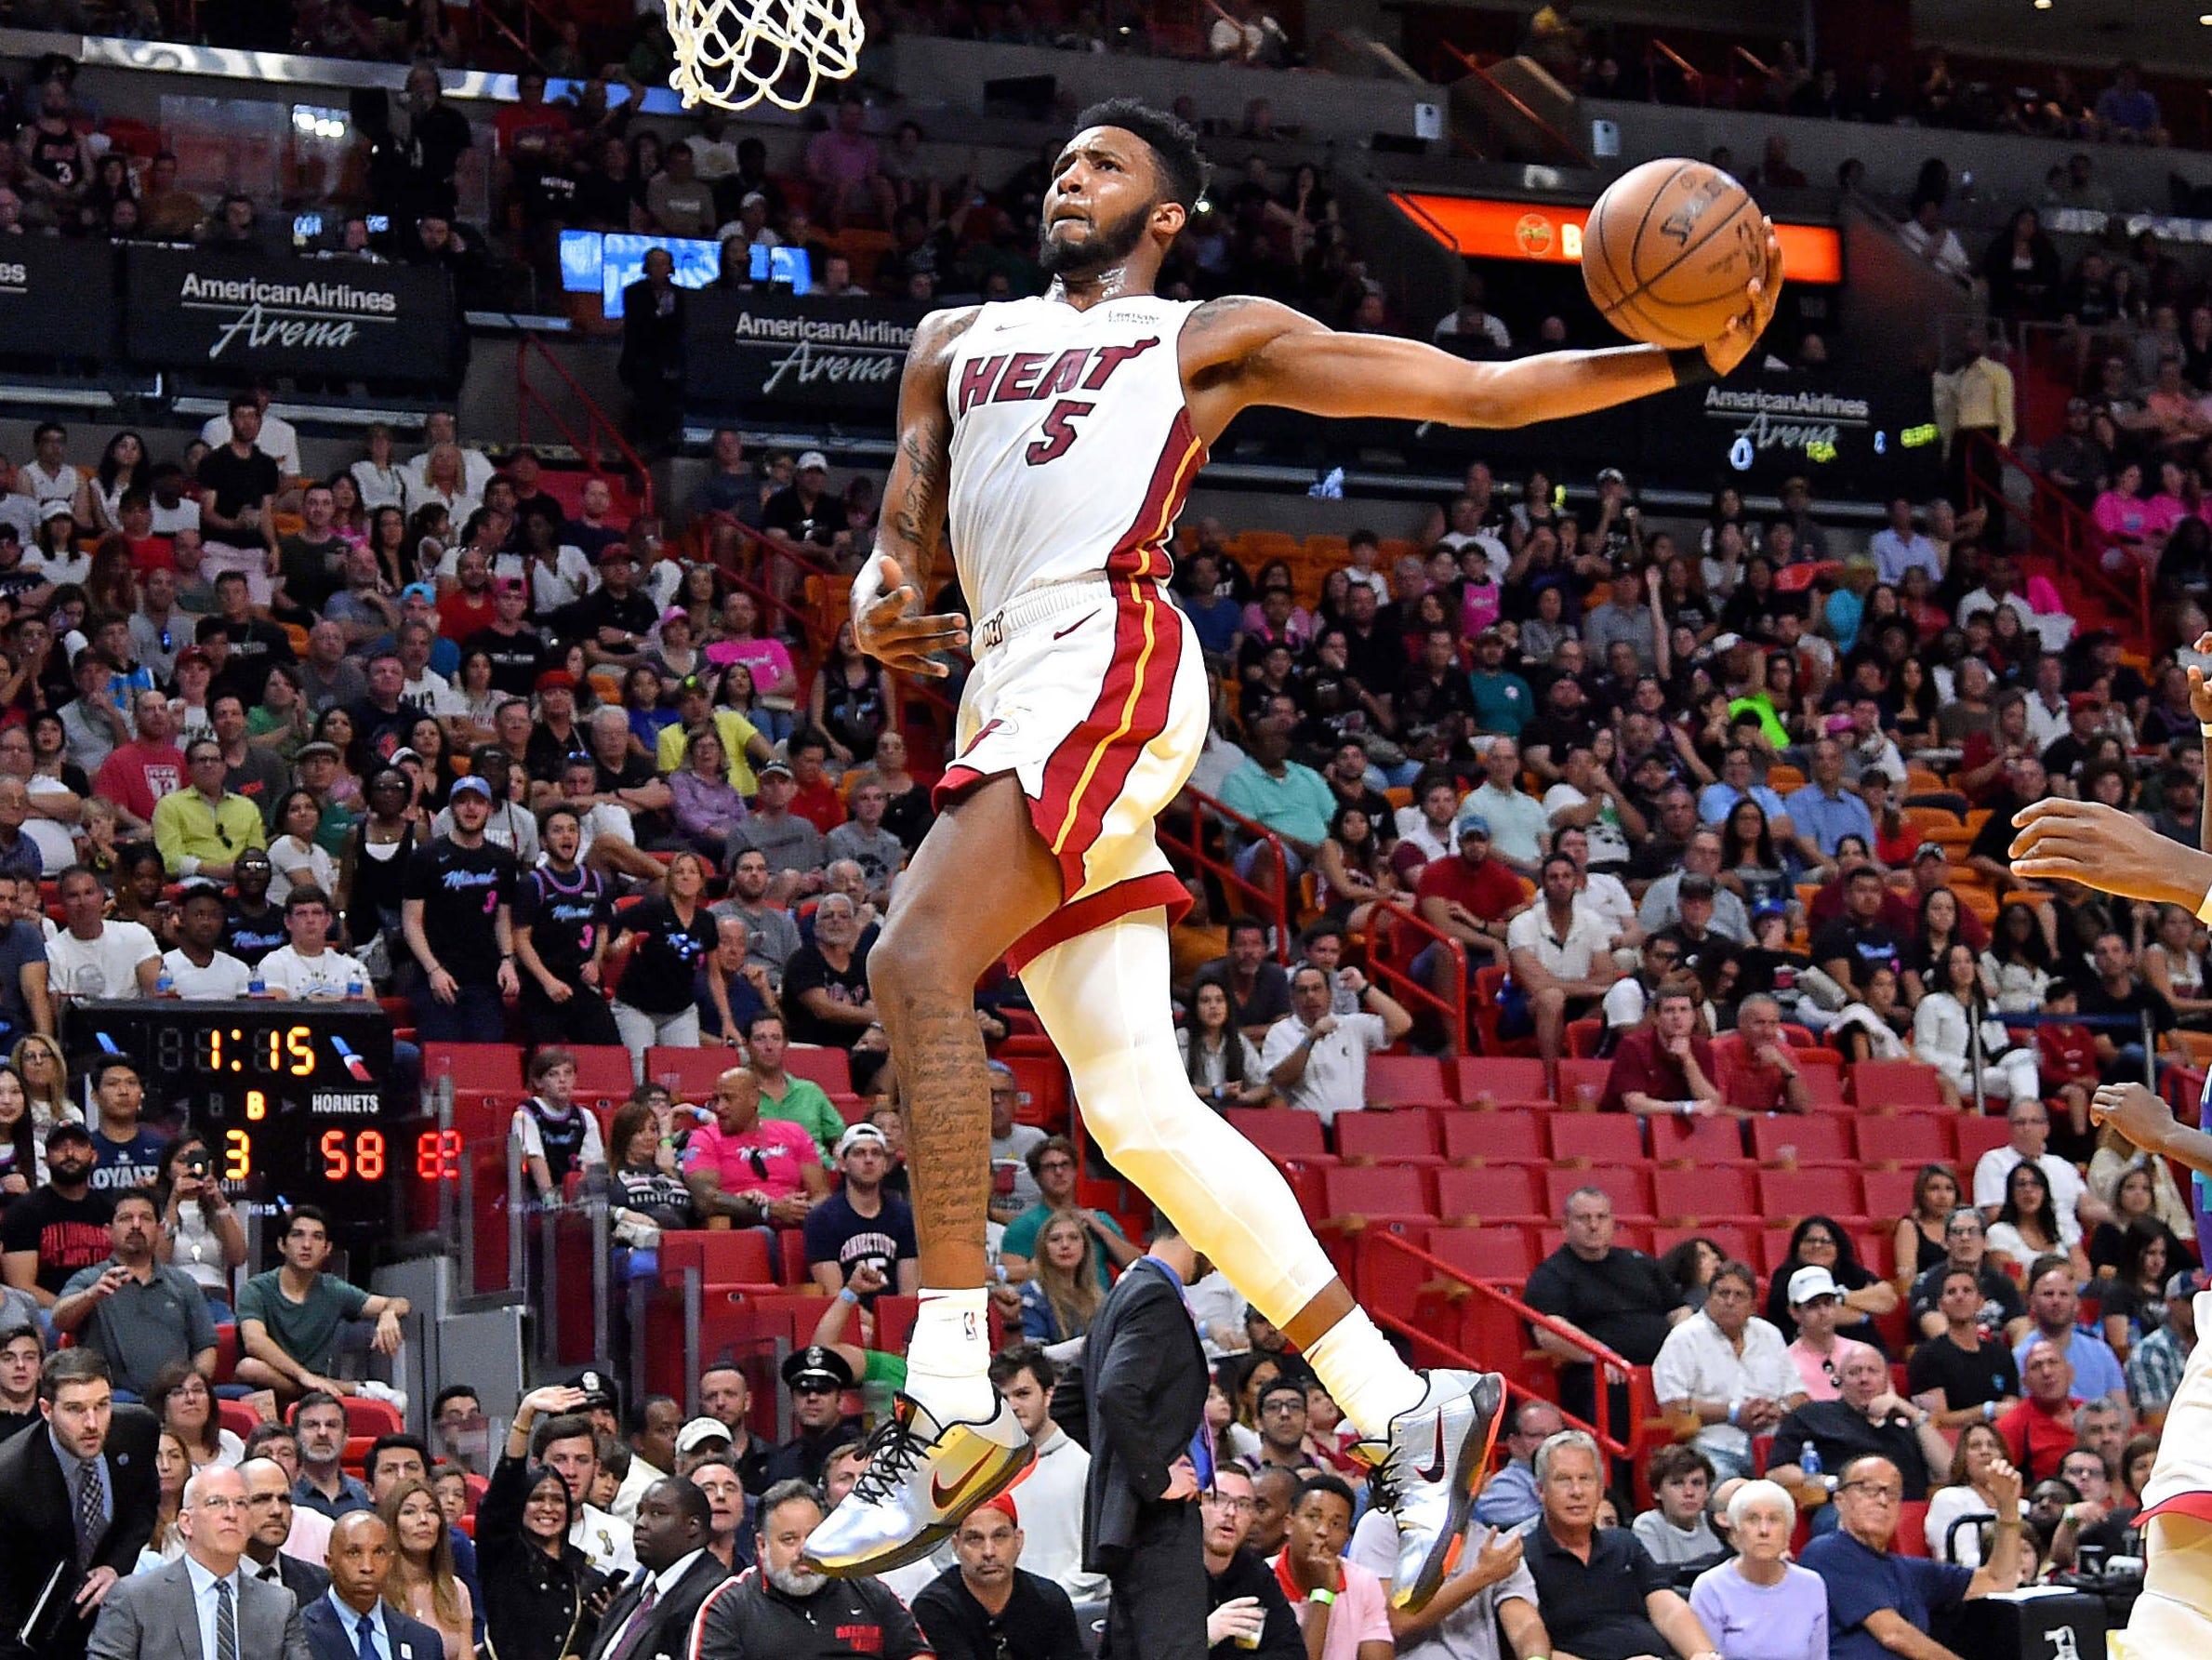 March 17: Heat forward Derrick Jones Jr. rises up for the monster one-handed jam against the Hornets.